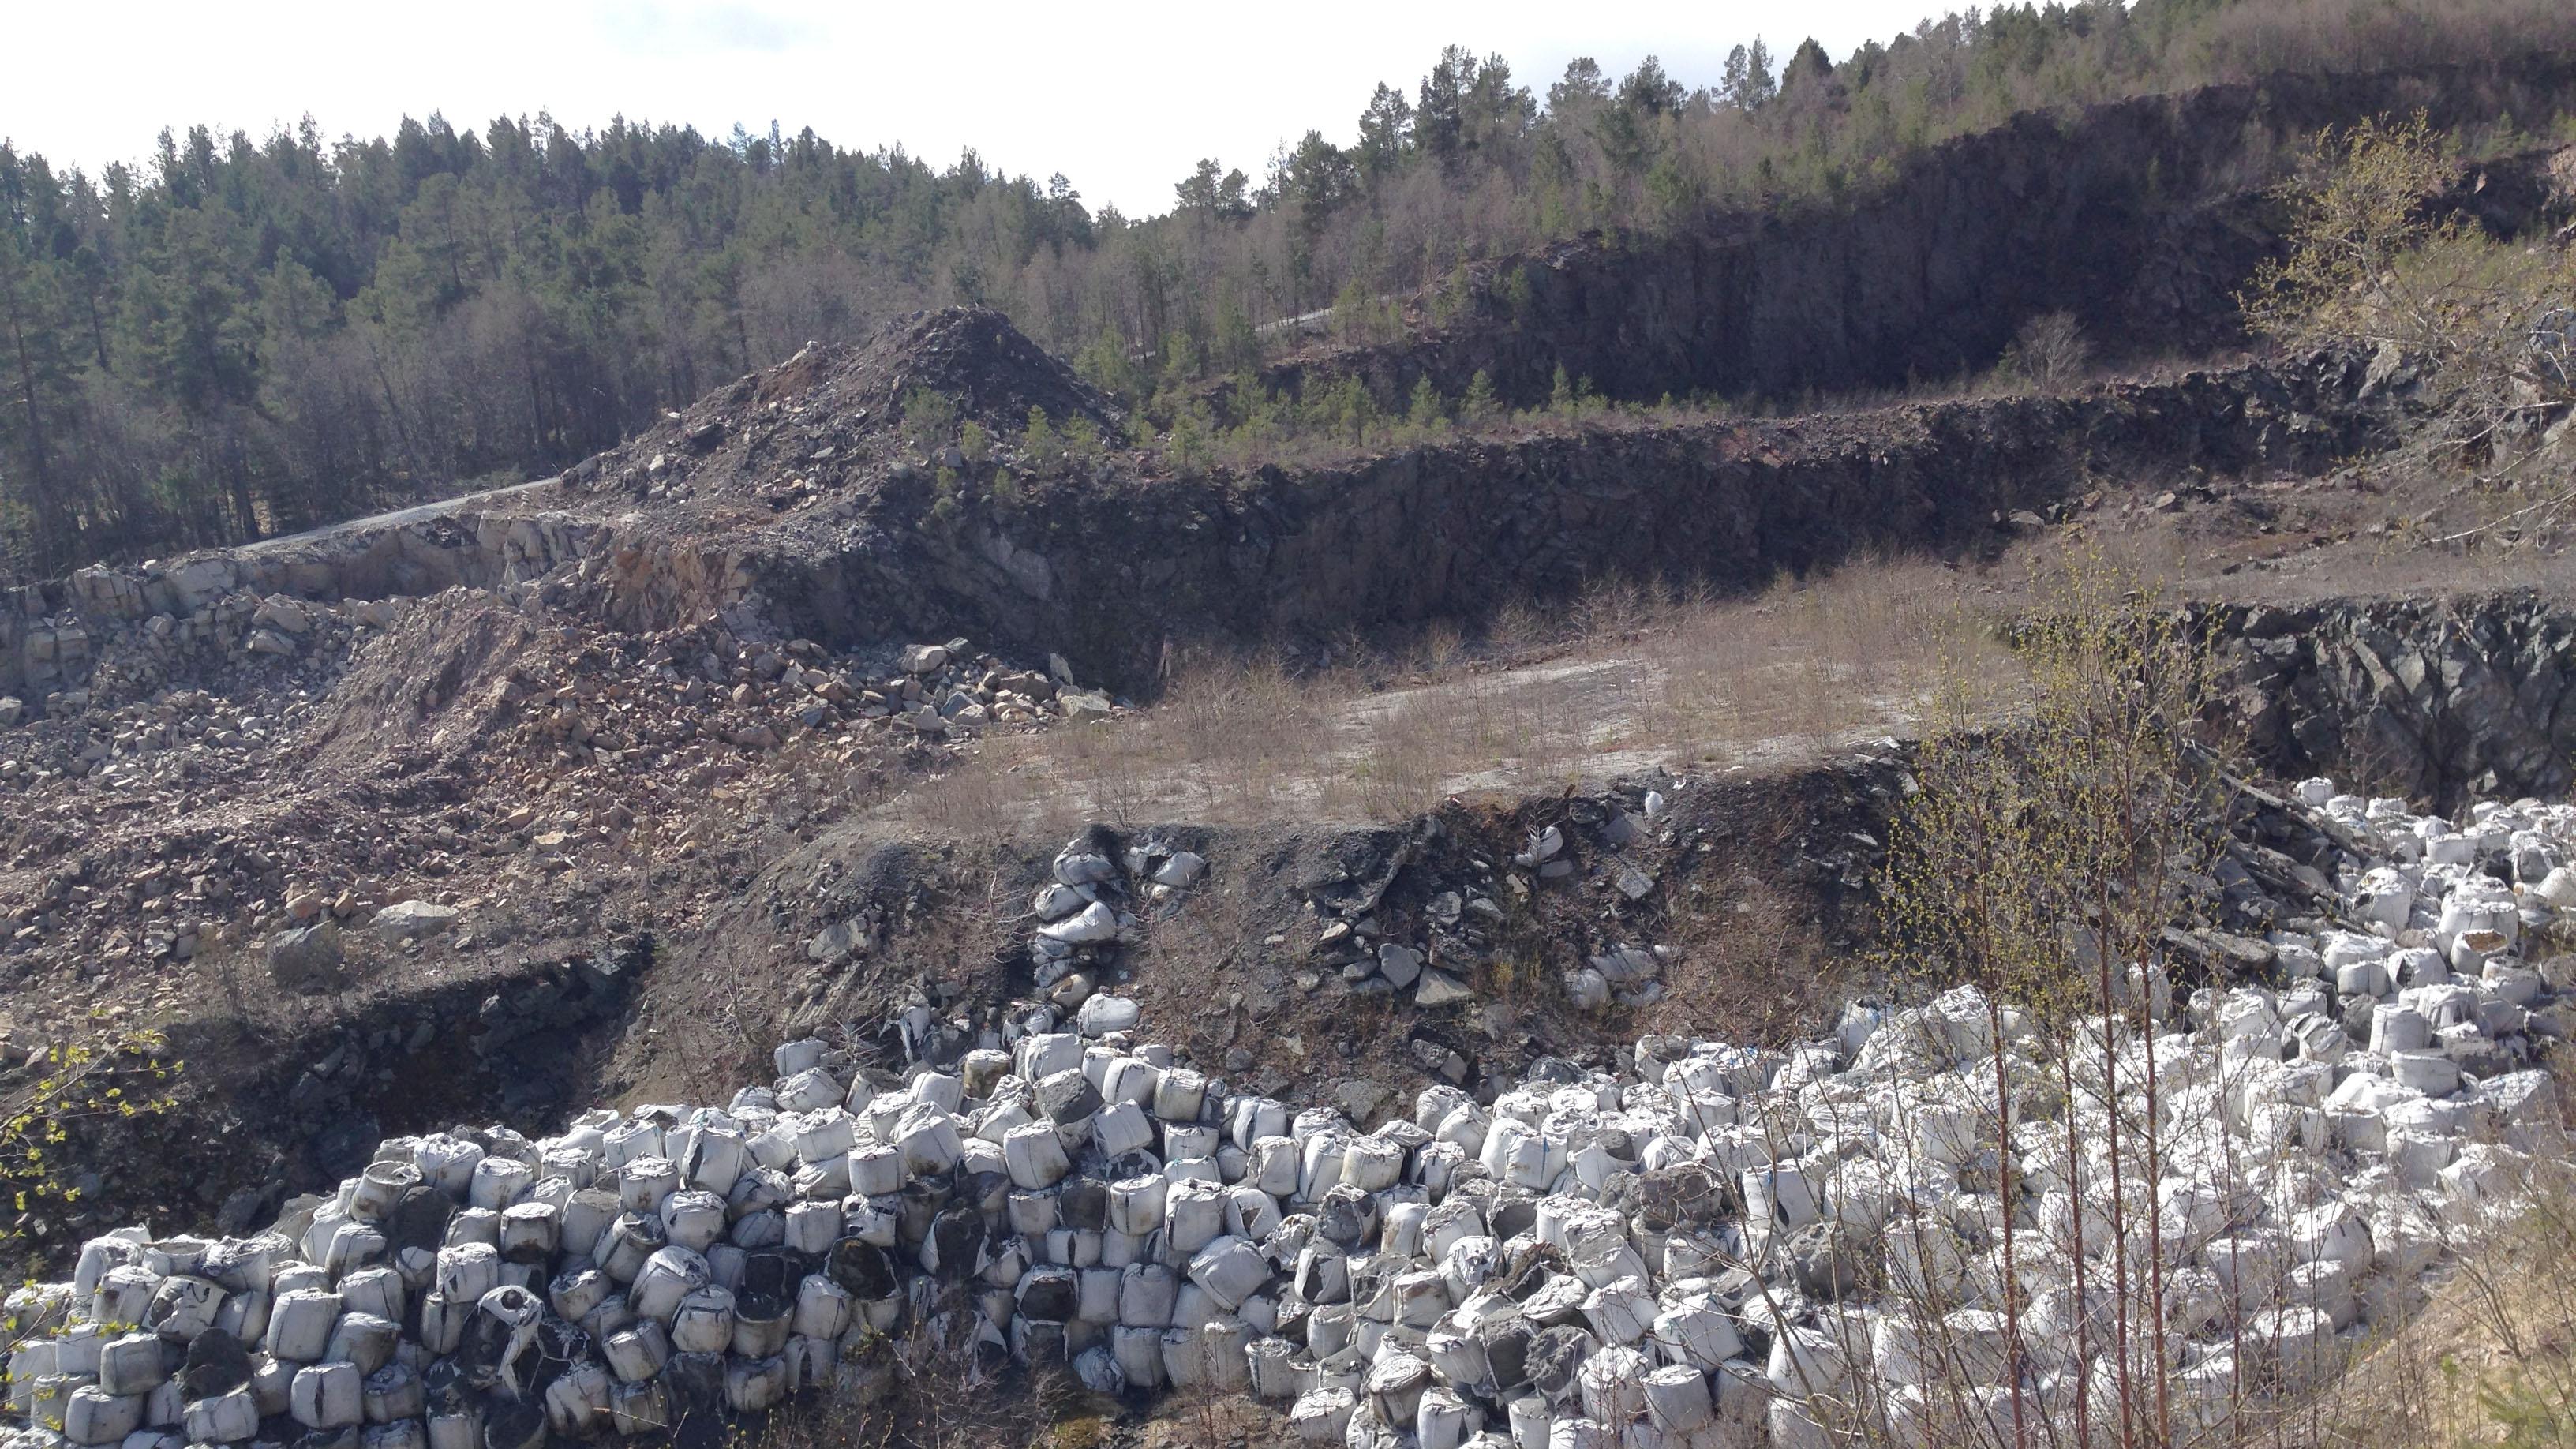 Bildet viser en grøft med mengde gamle sekker med møllestøv, avfall fra aluminiumsproduksjon.